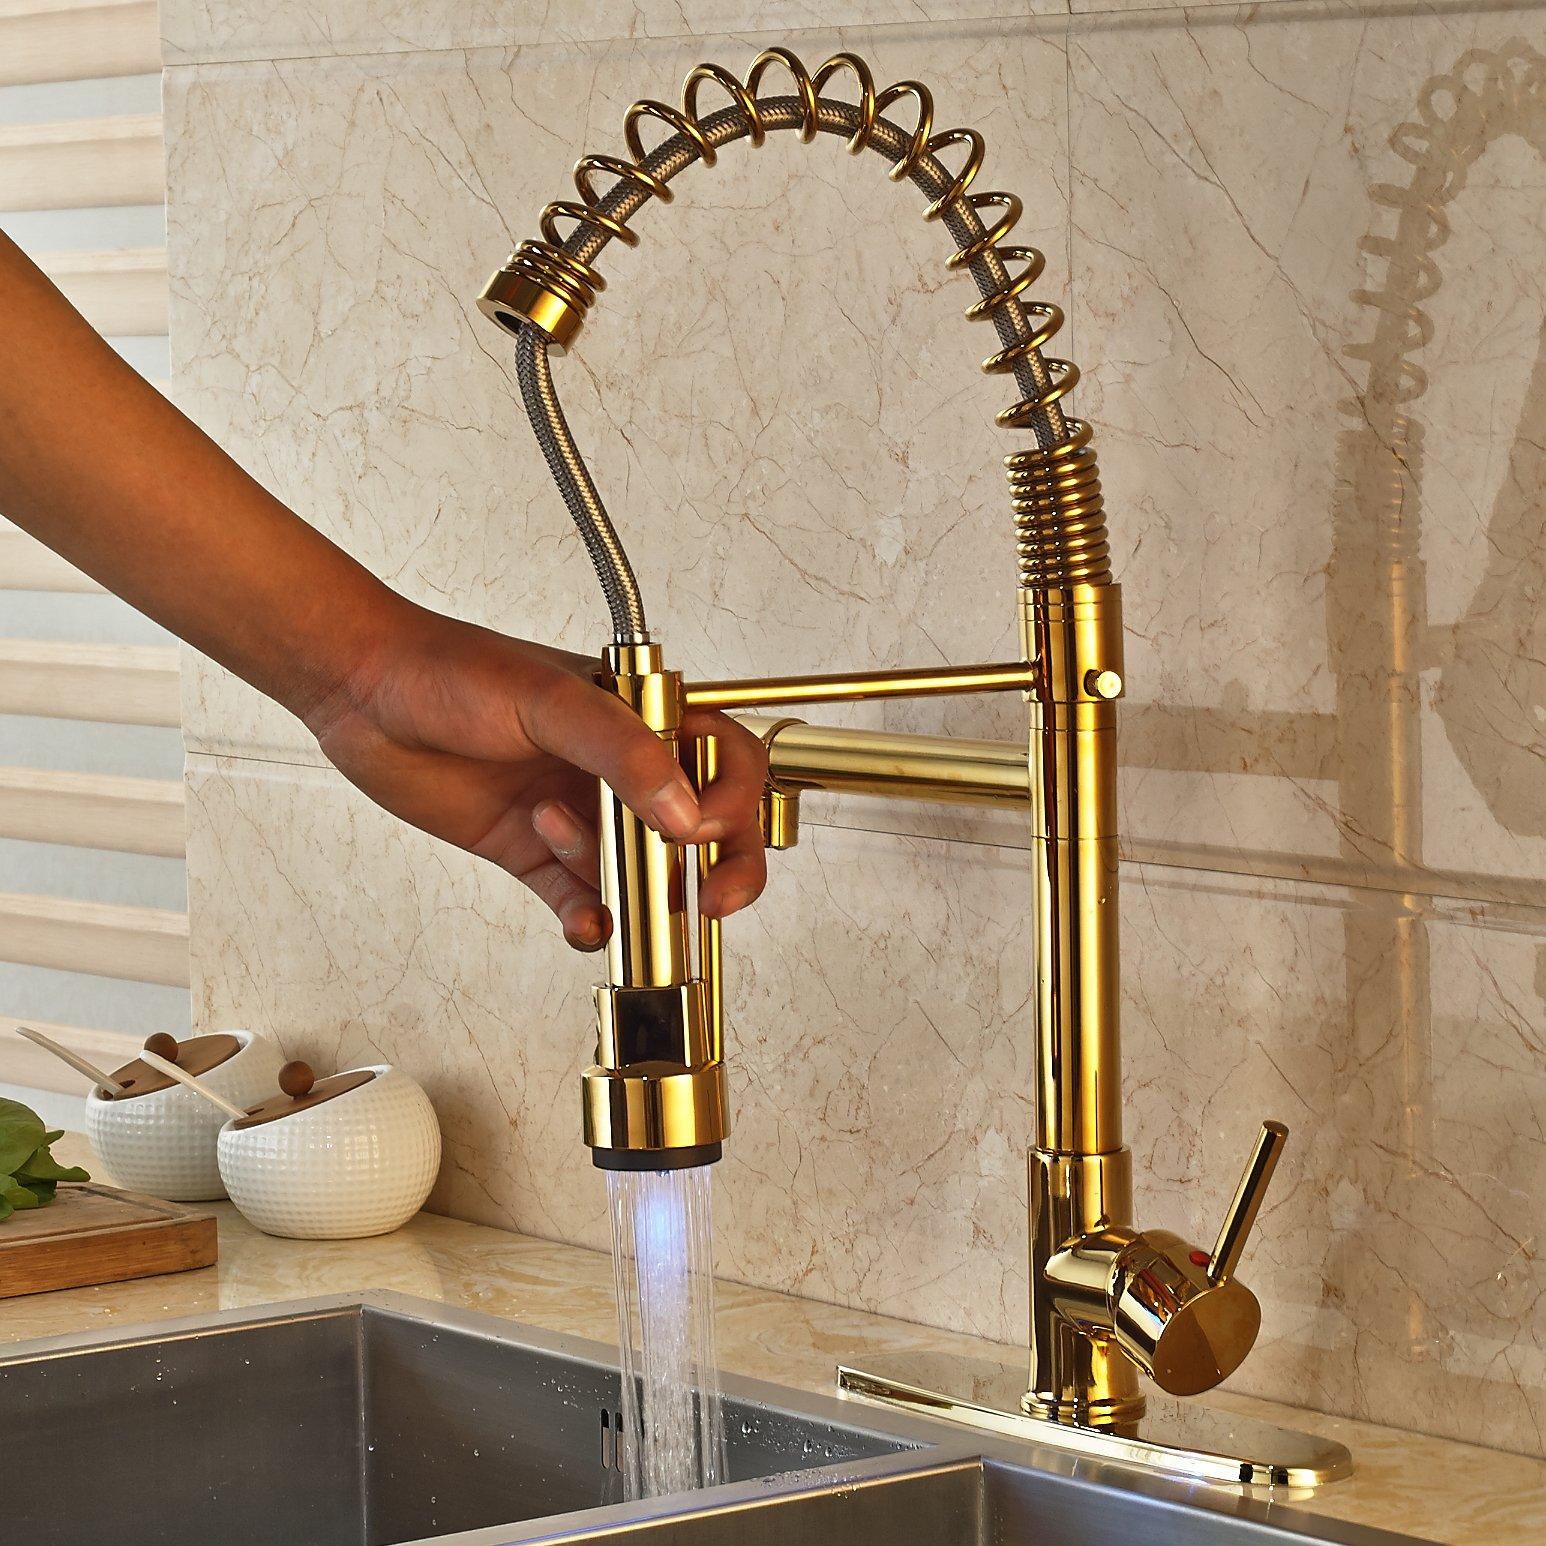 Kitchen Sink Faucet Mixer Tap Single Hole Swivel Spout Deck Plate ...